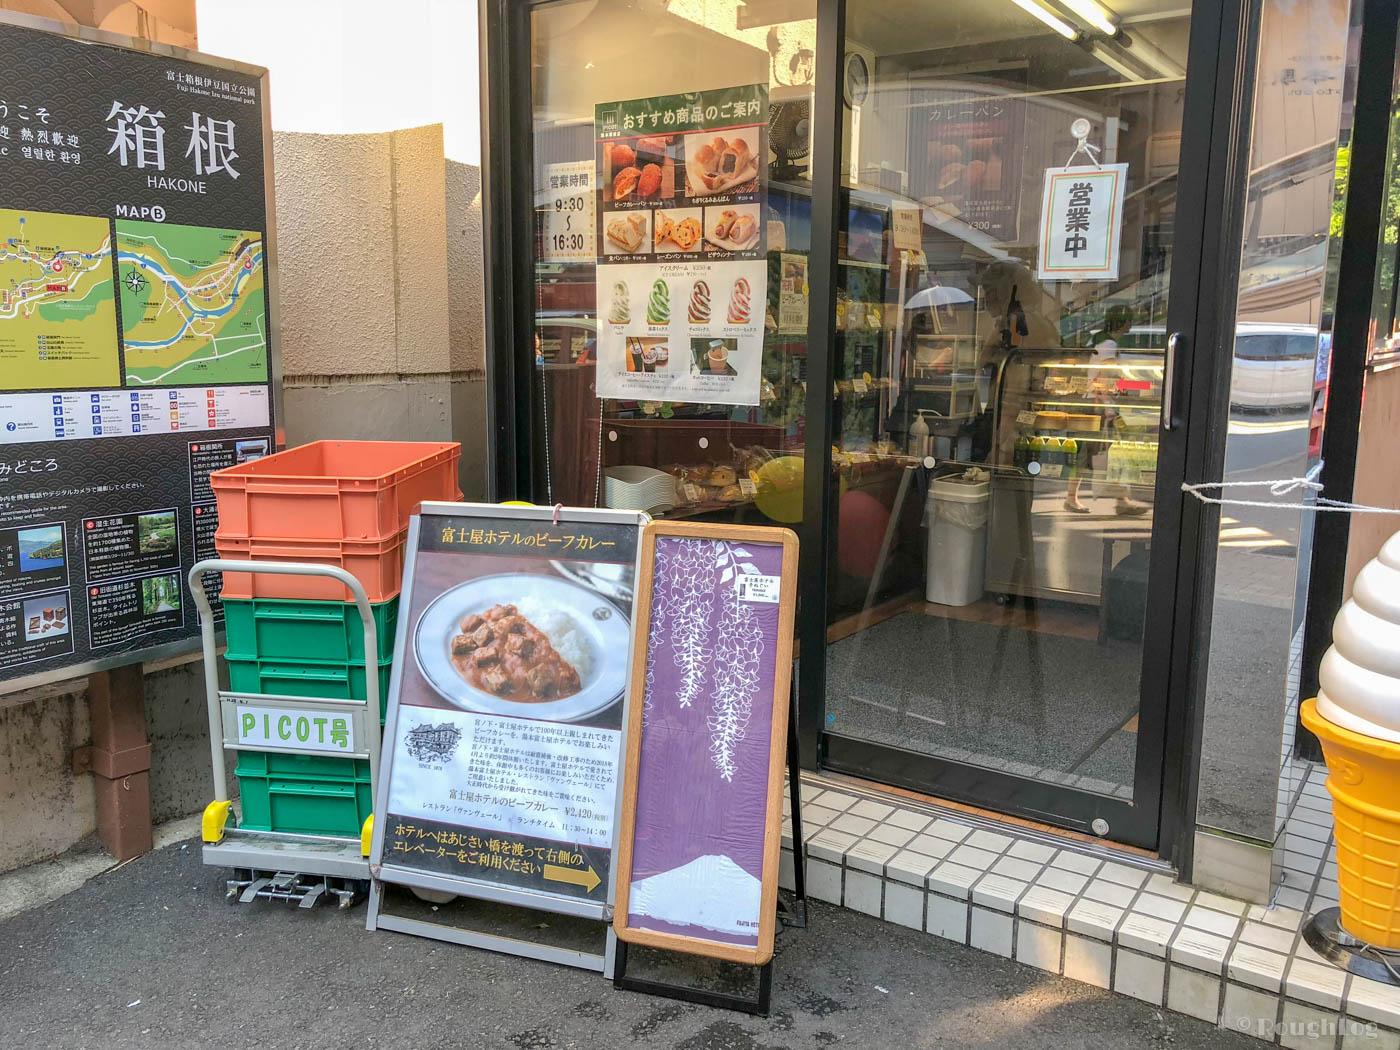 湯本富士屋ホテル直営のベーカリー&スイーツショップ「ピコット湯本駅前店」